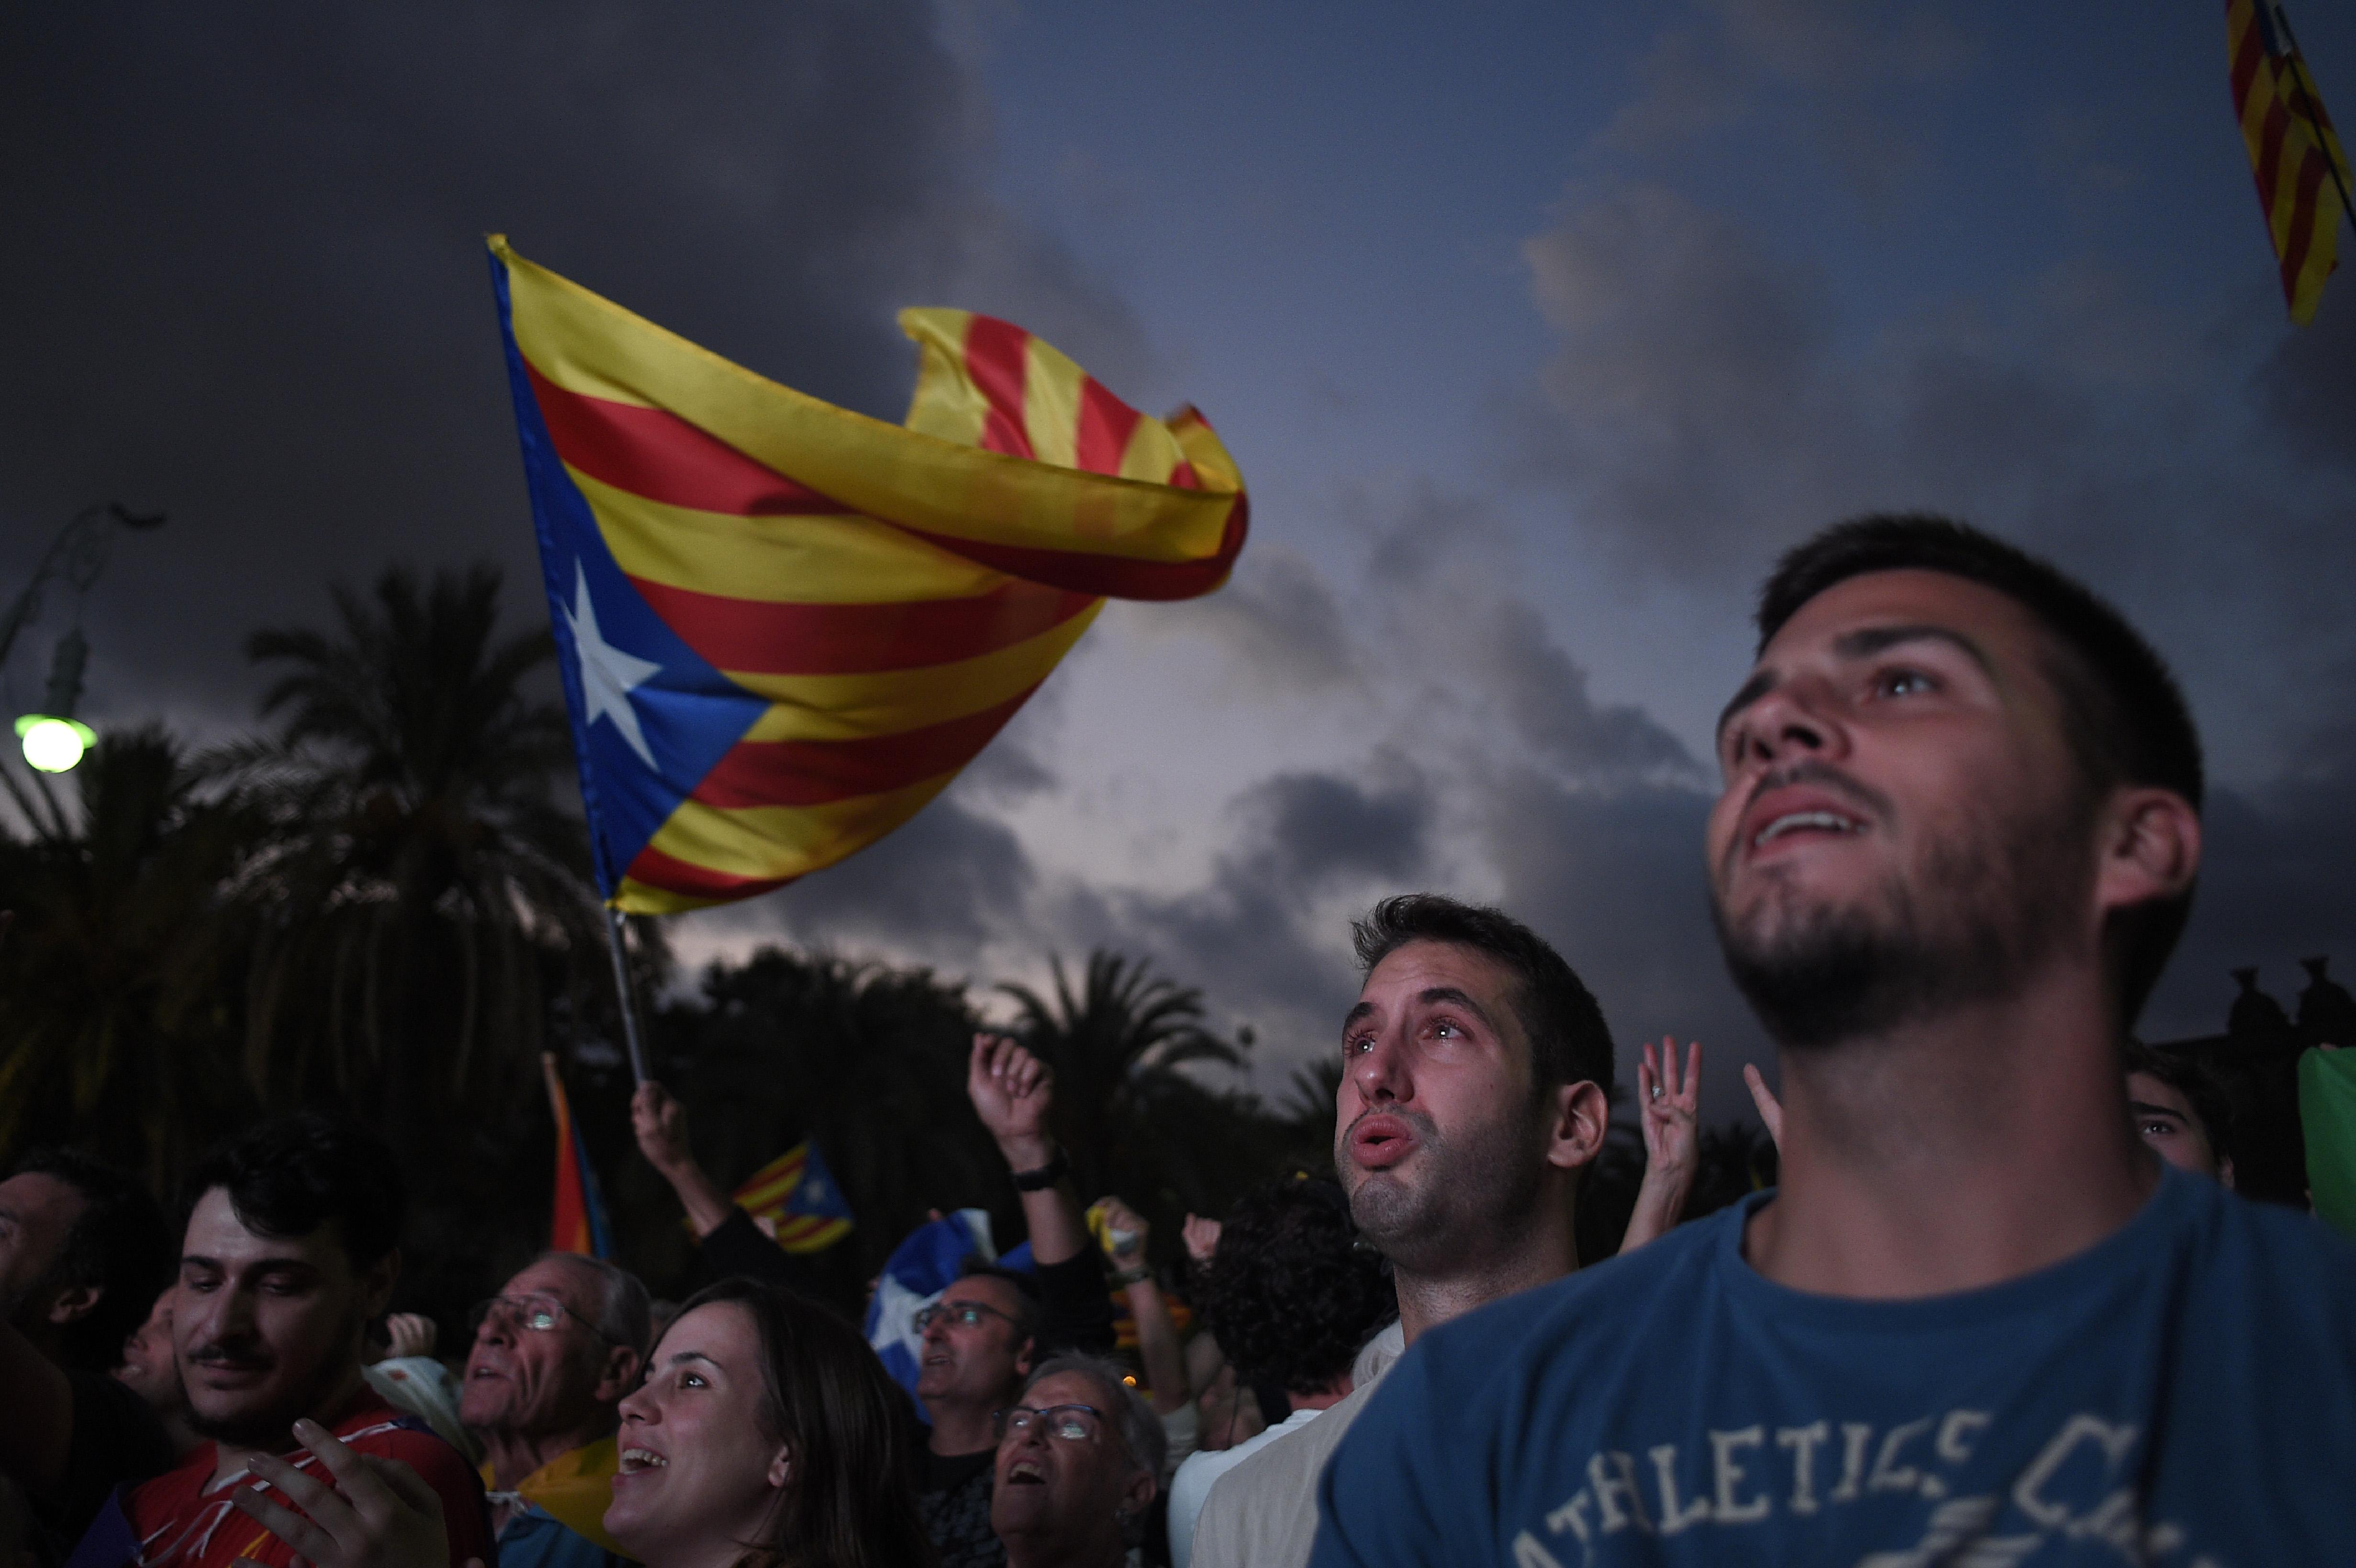 Madridban nem engedik kinevezni az új barcelonai kormányt